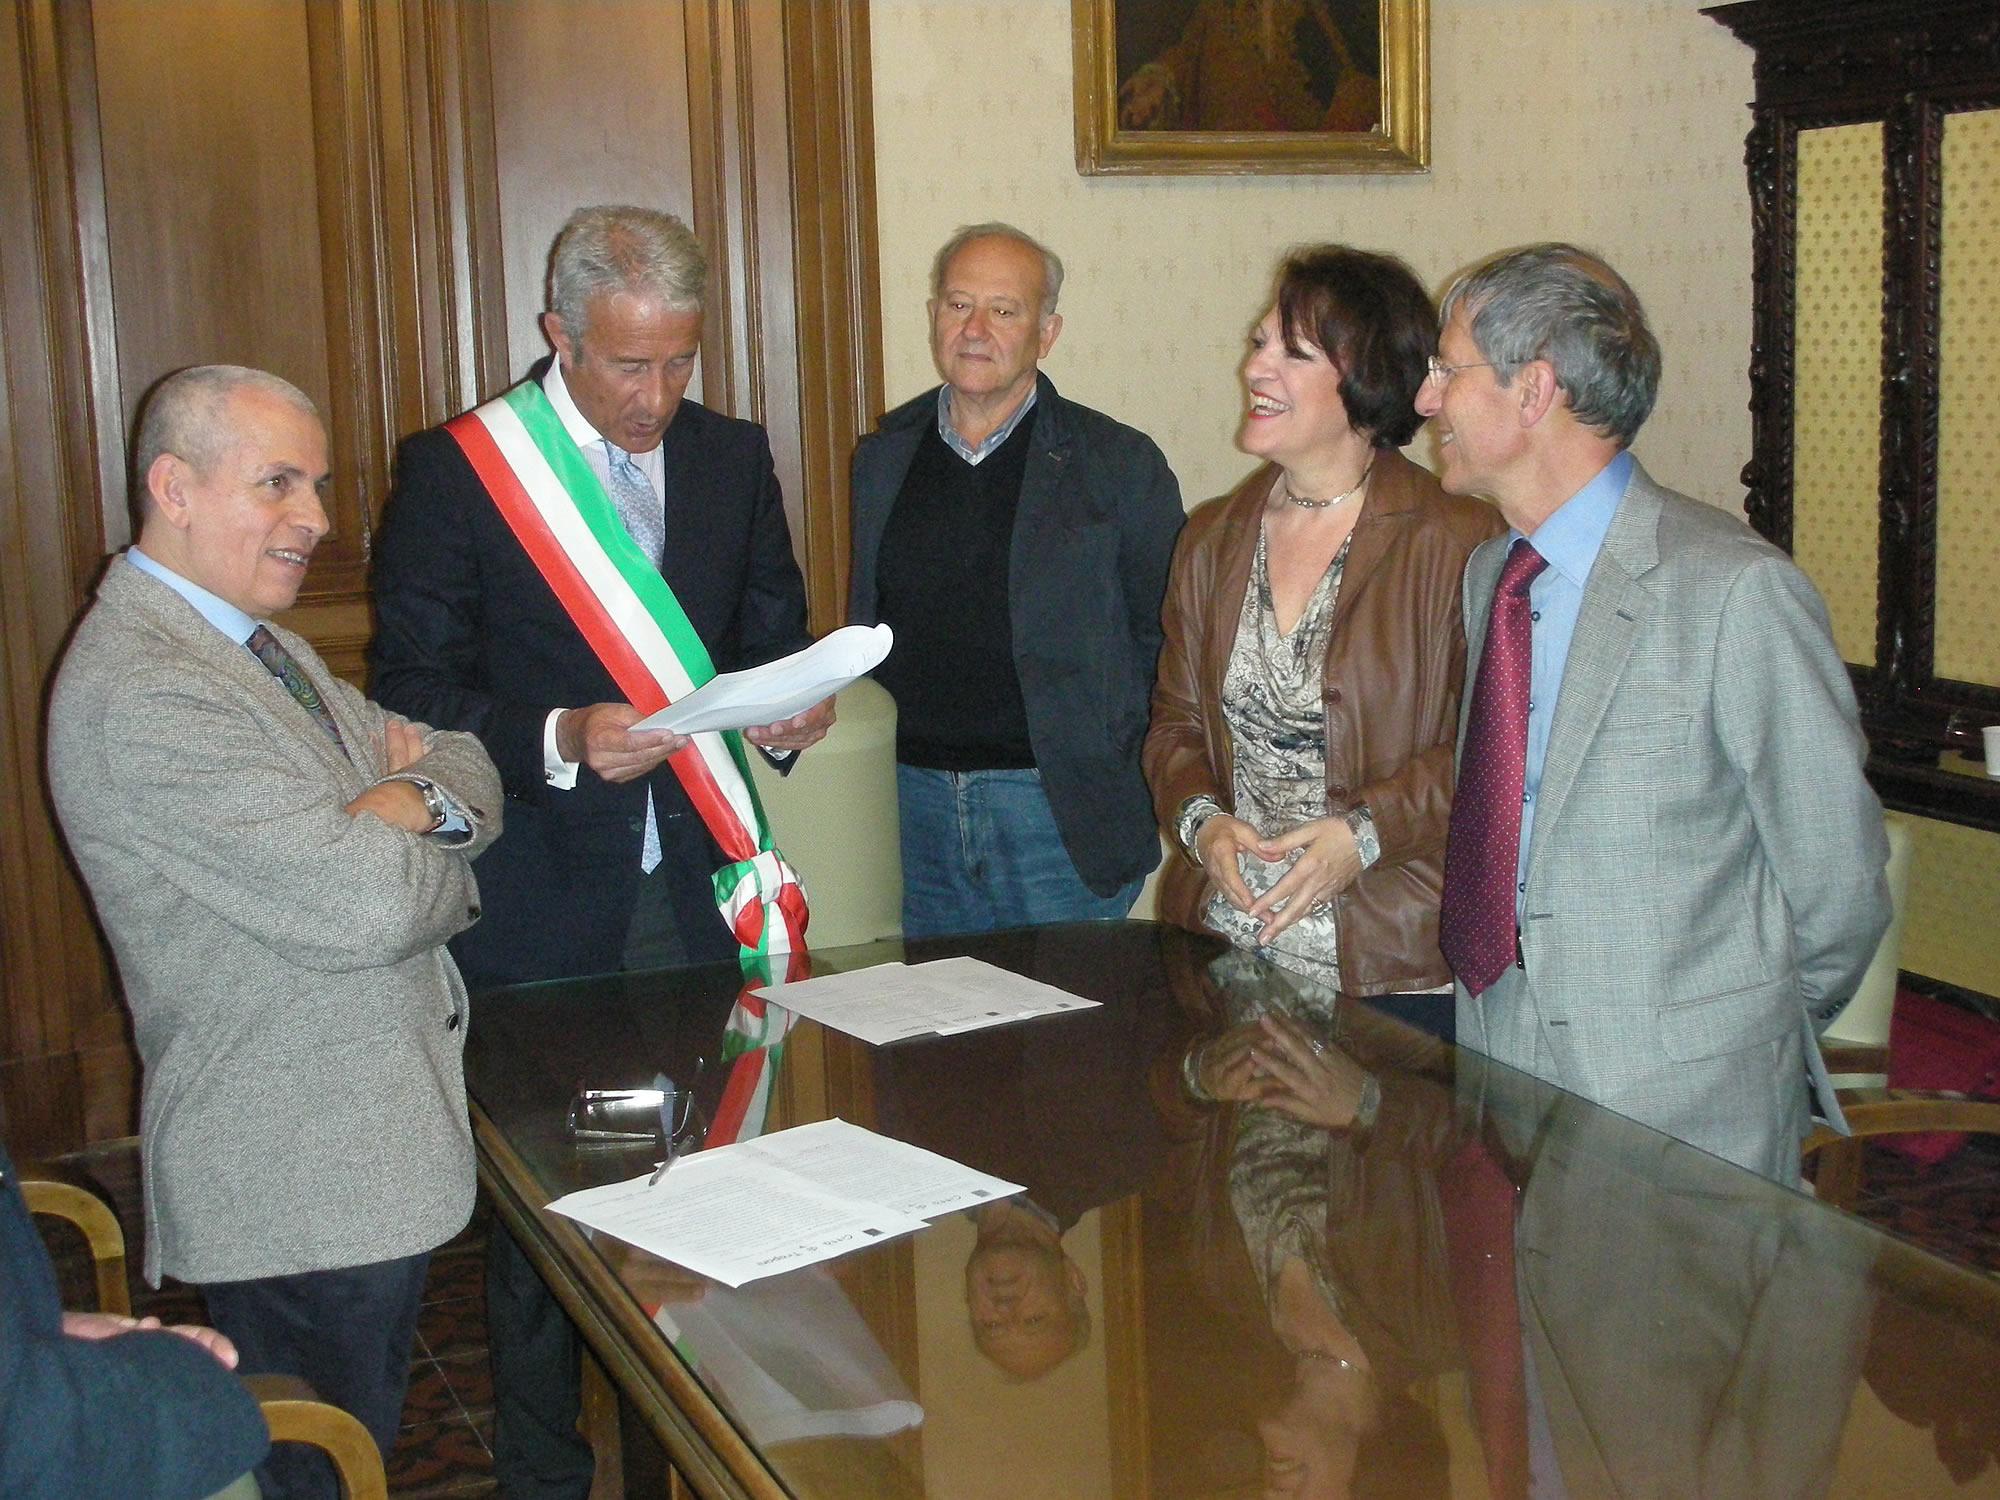 I due nuovi assessori della giunta Damiano sono Giannitrapani e De Maria